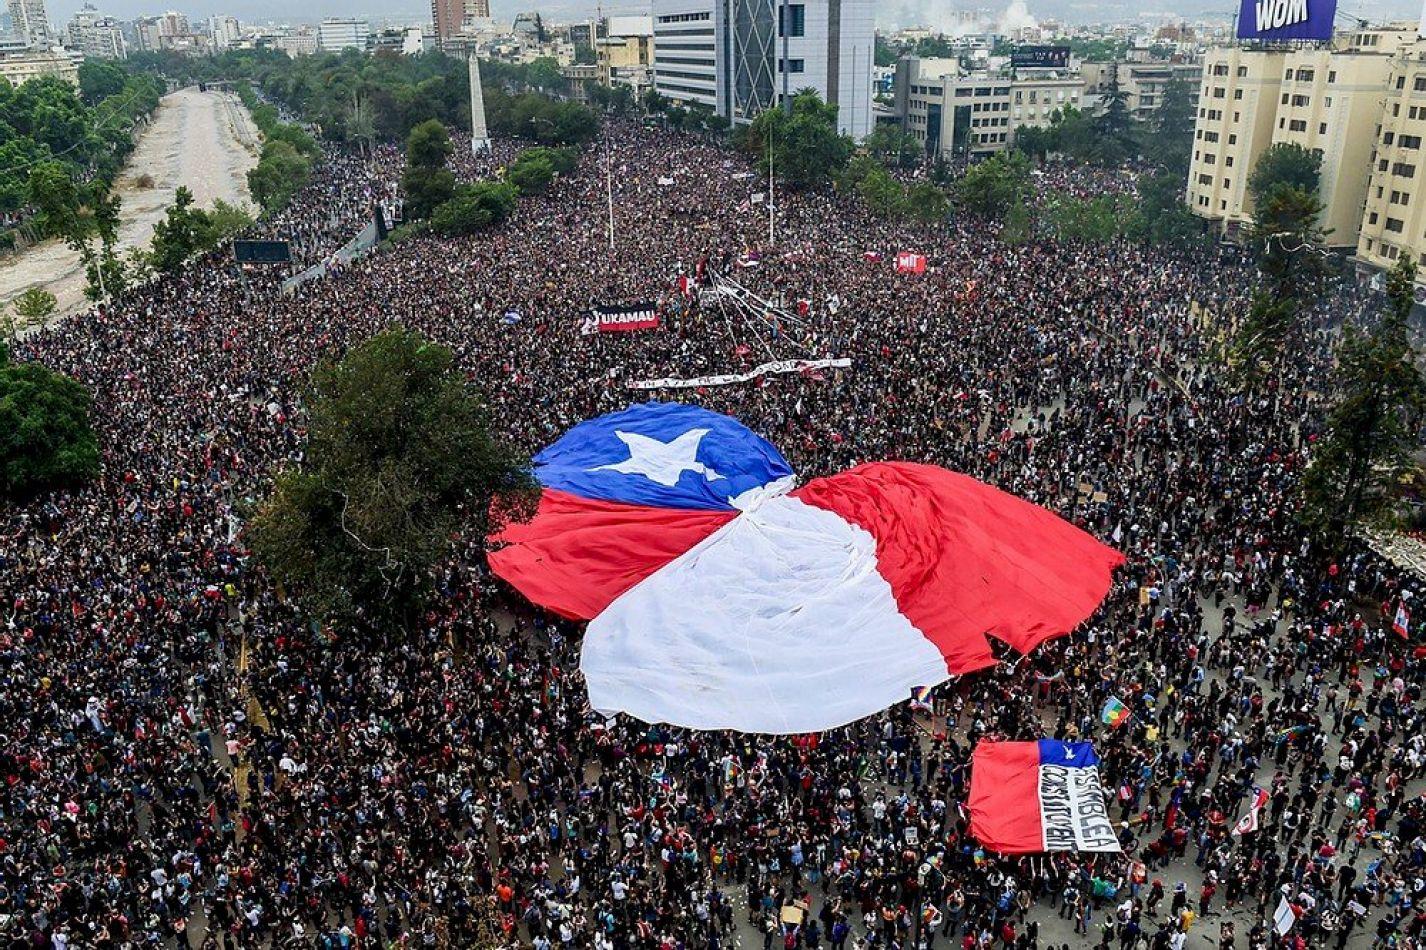 Plebiscito en Chile: Clara tendencia a favor de reformar la Constitución